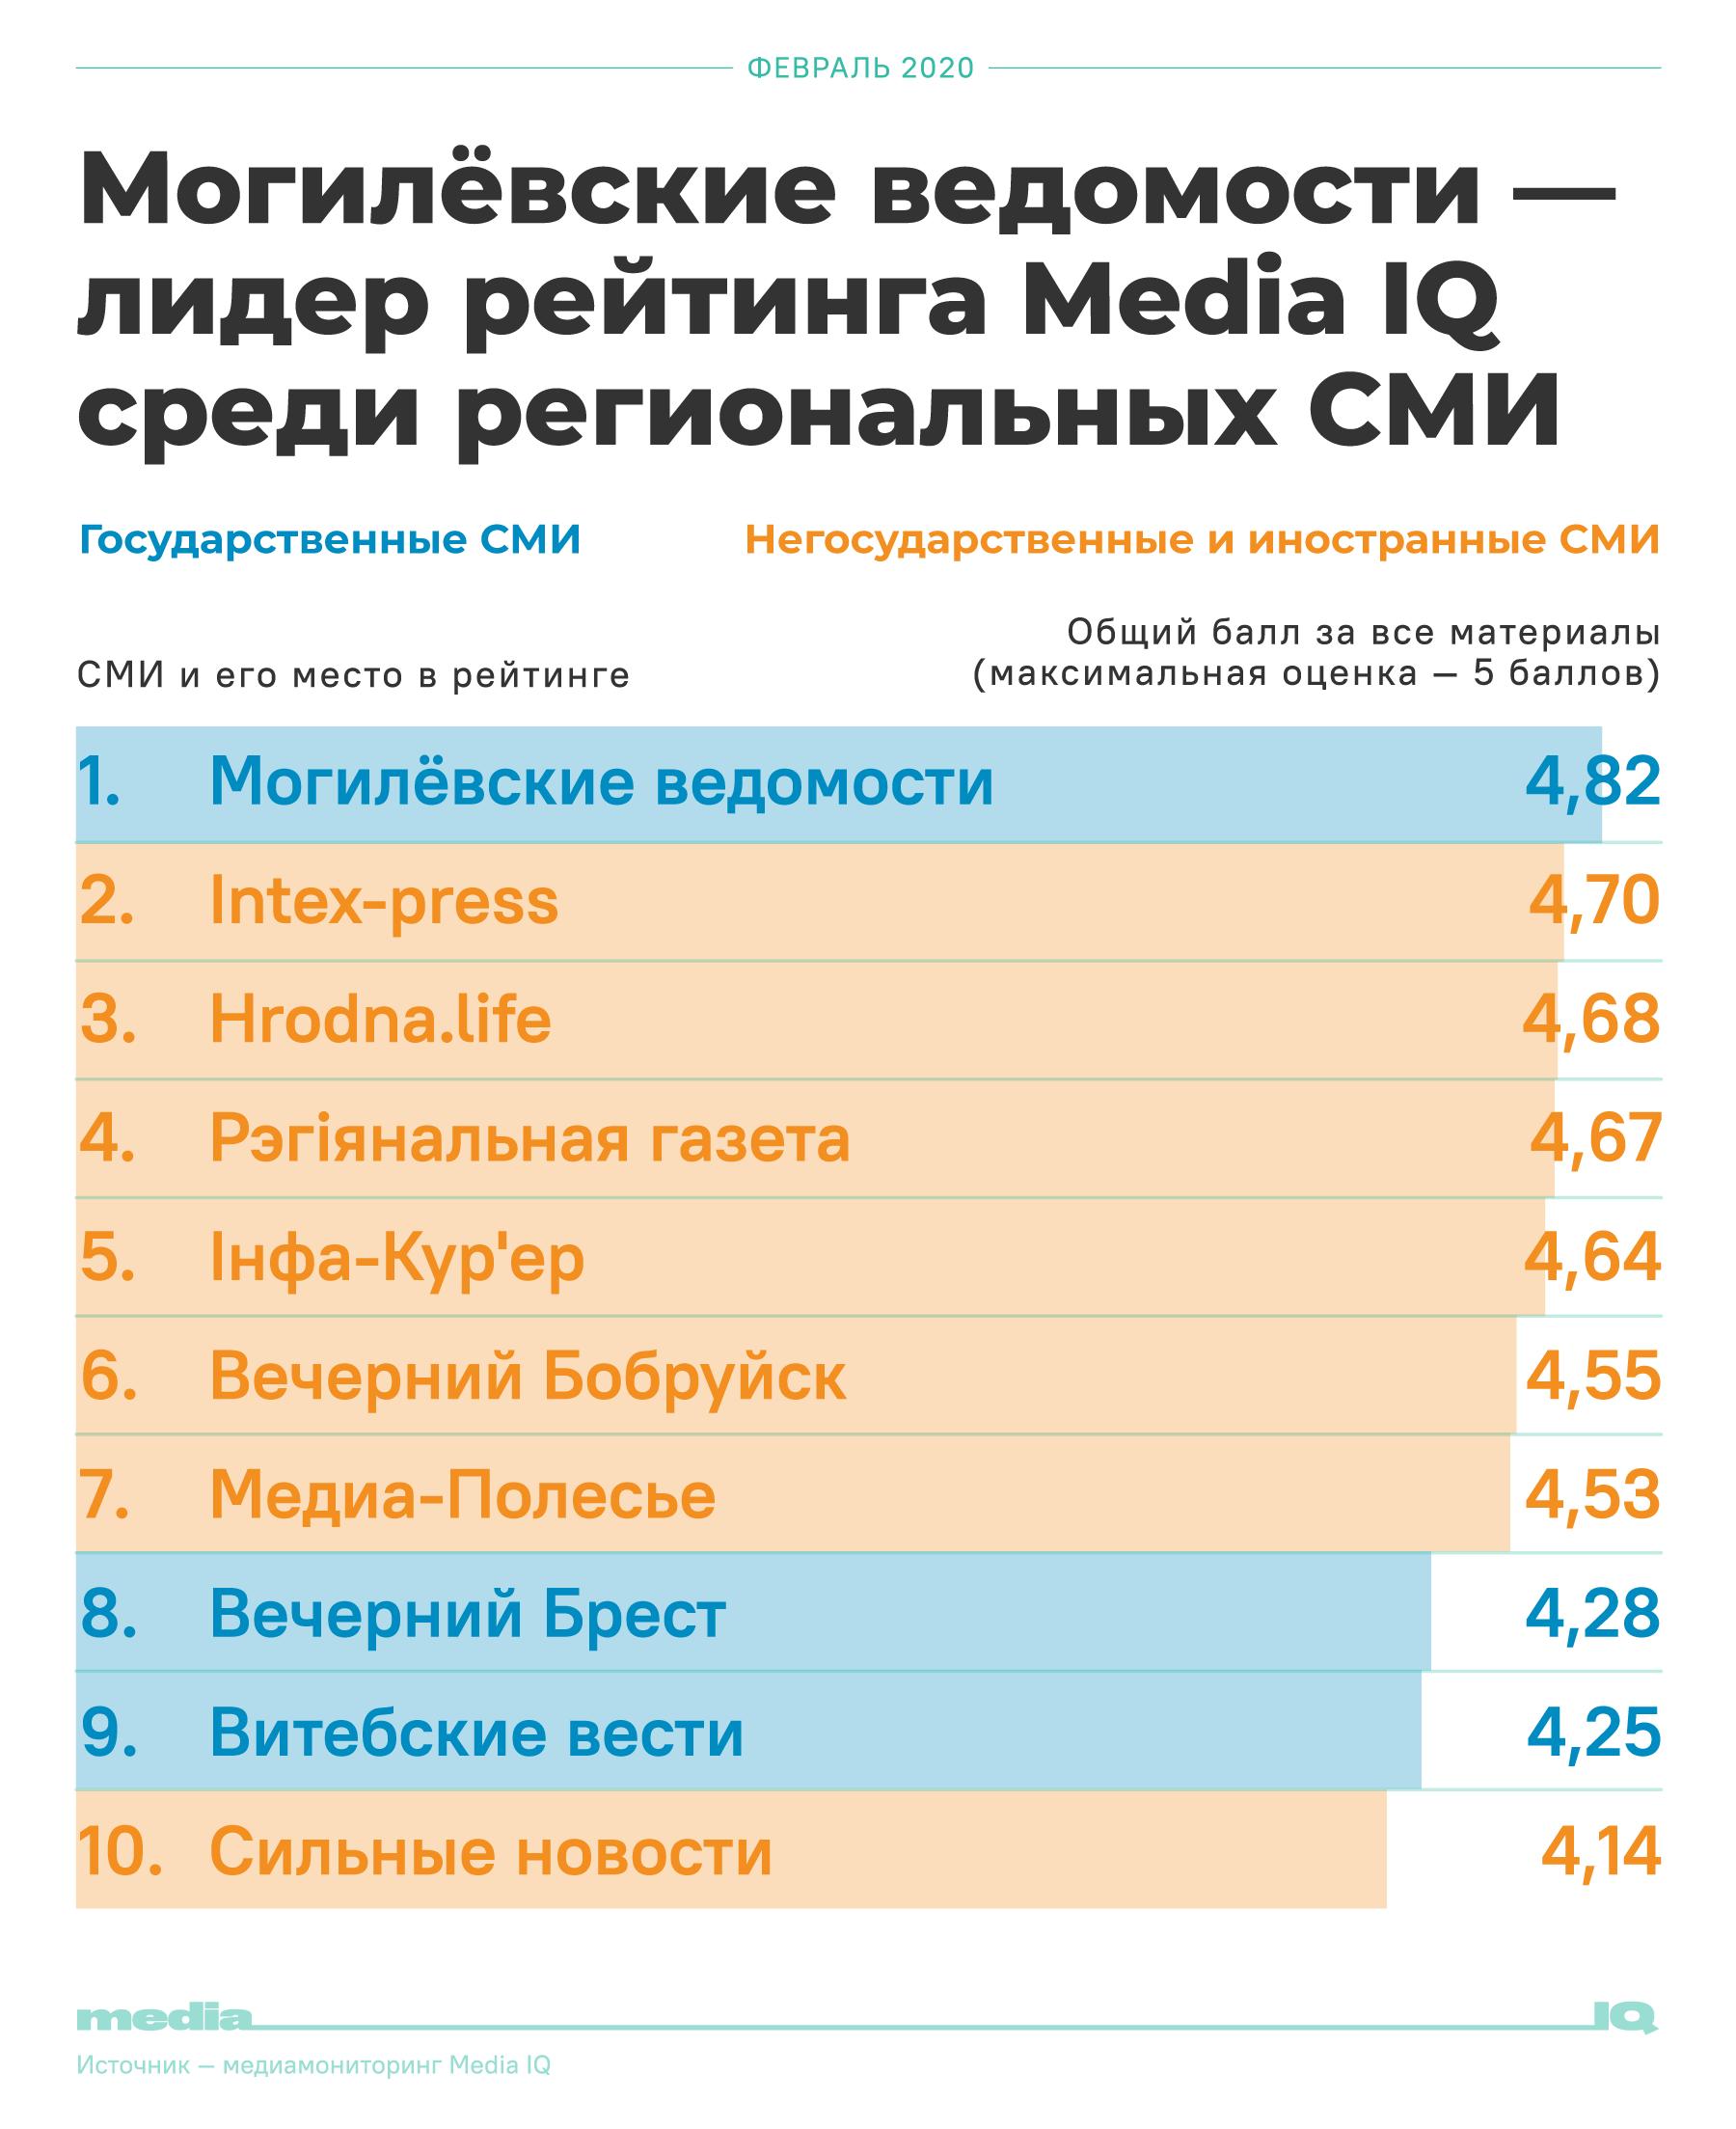 Hrodna.life зноў сярод найлепшых СМІ Беларусі: у нас няма прапаганды і маніпуляцыі